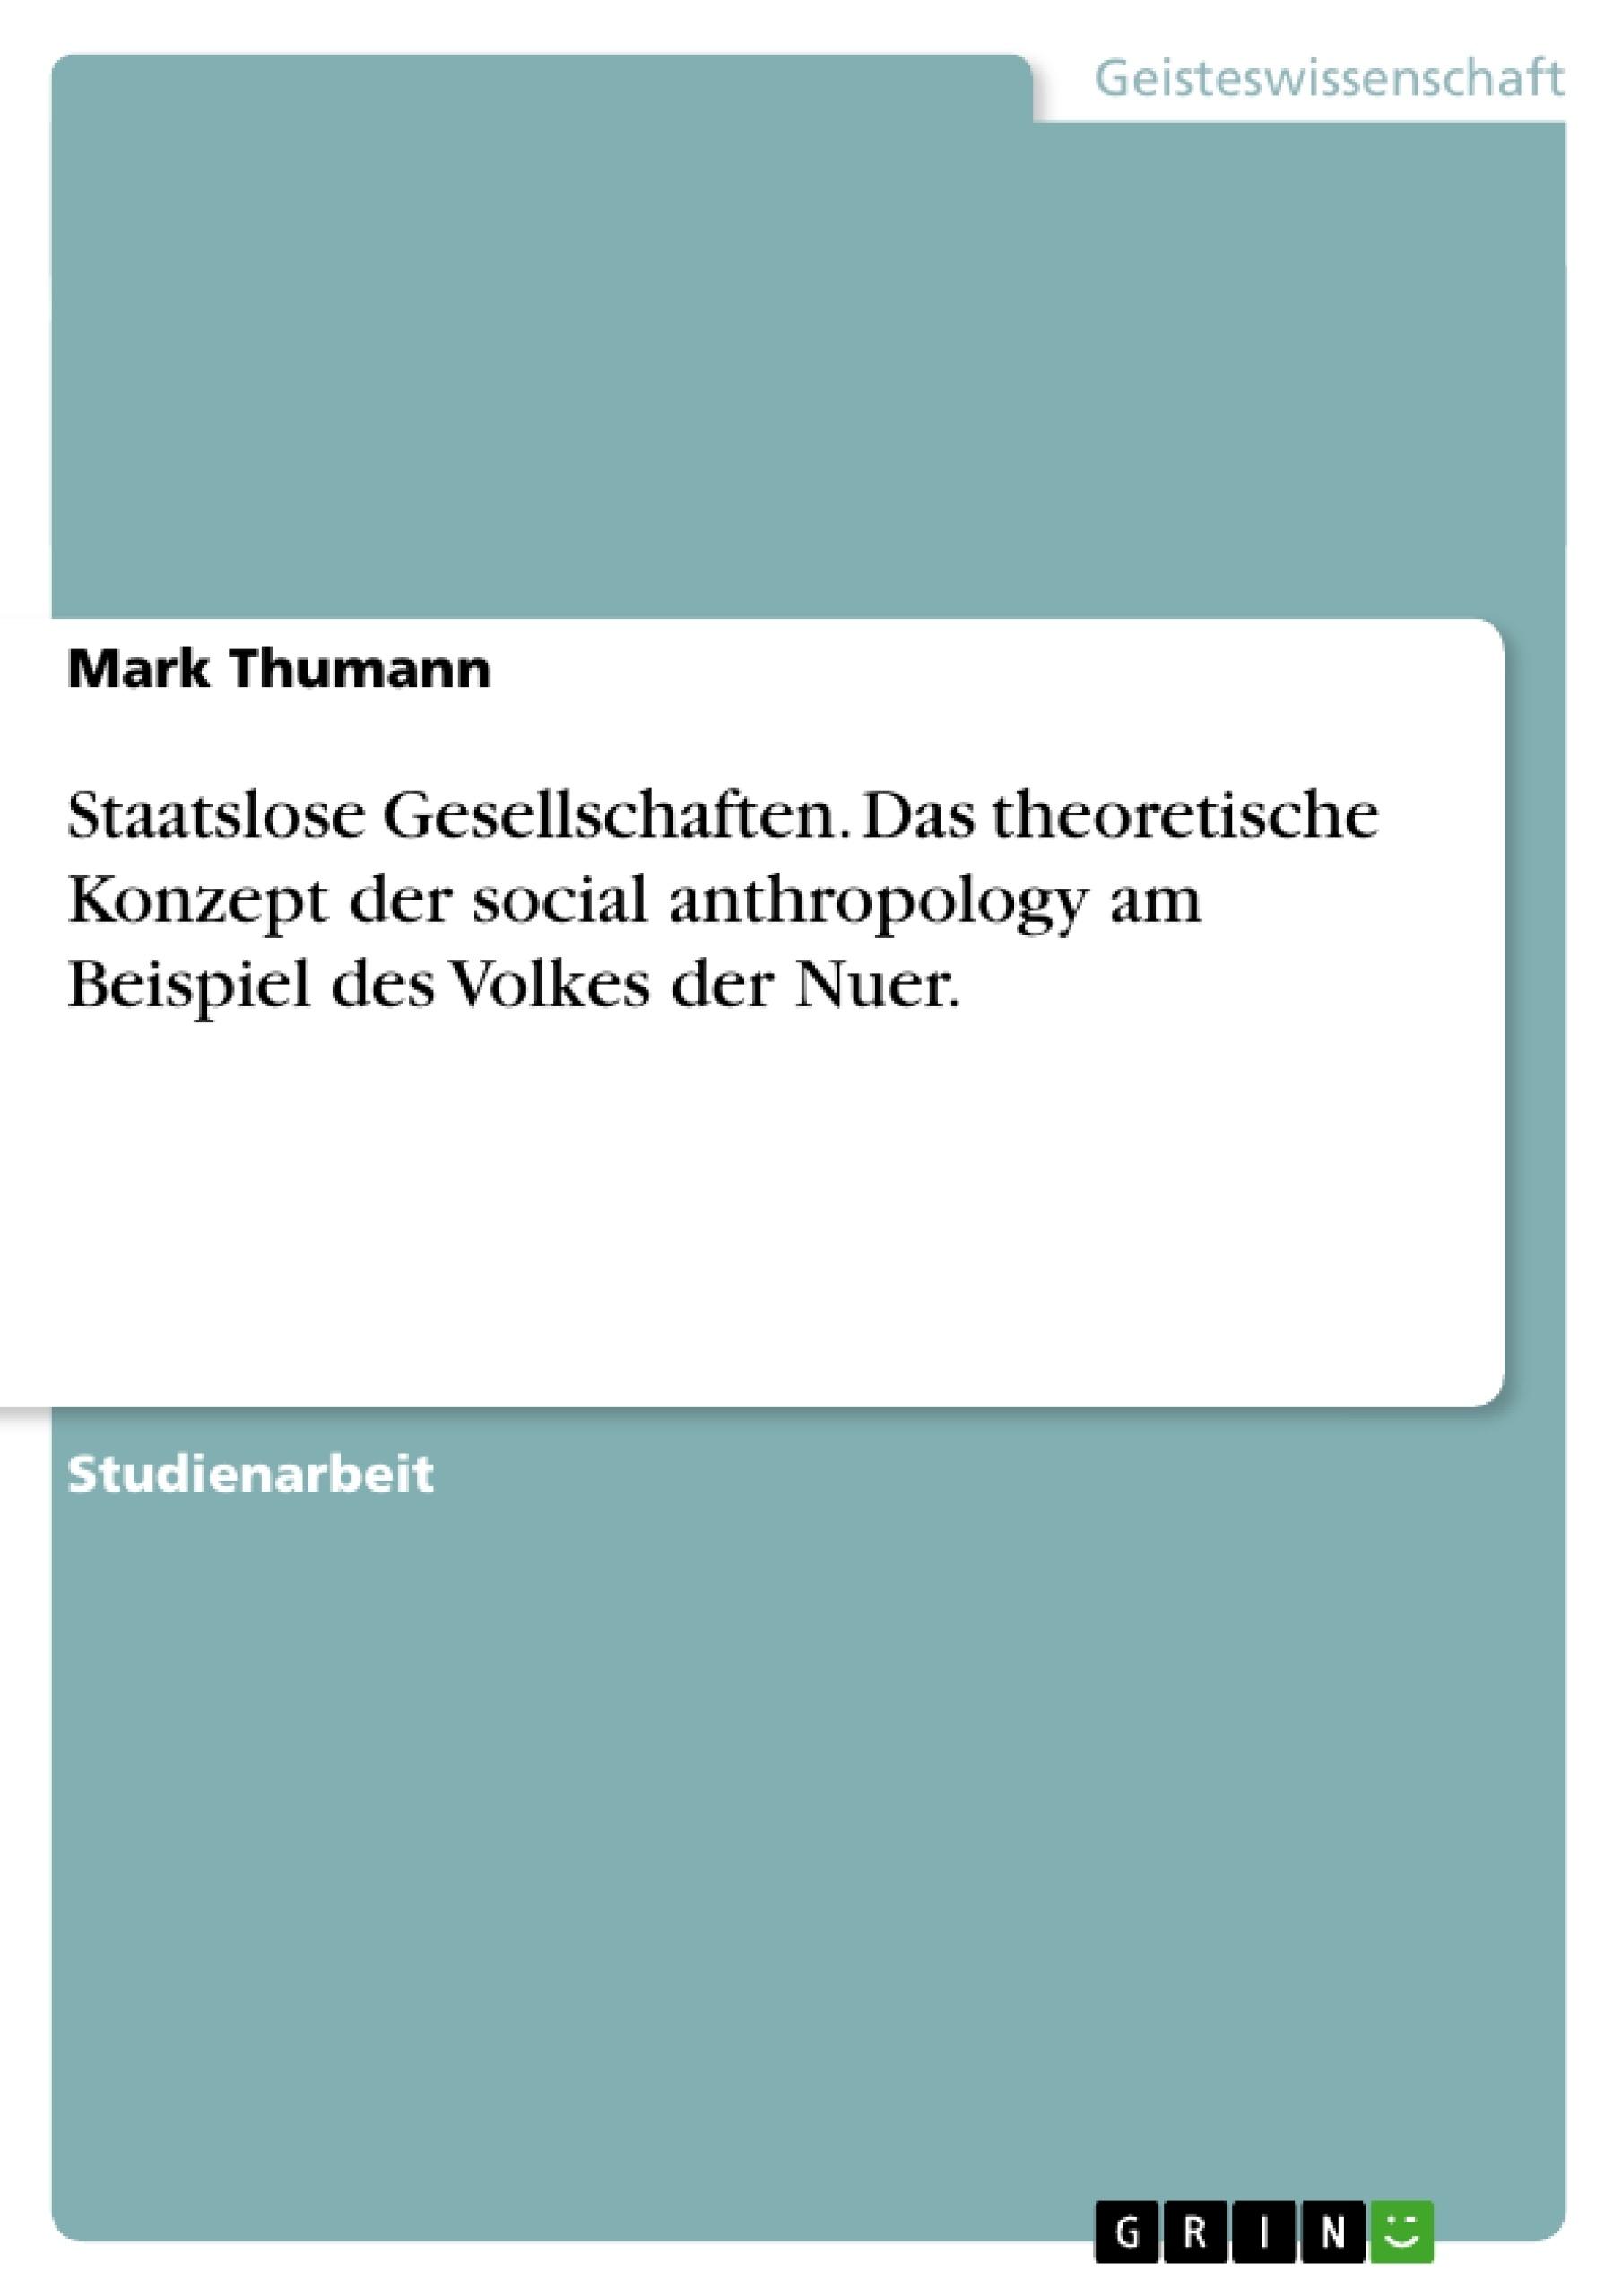 Titel: Staatslose Gesellschaften. Das theoretische Konzept der social anthropology am Beispiel des Volkes der Nuer.